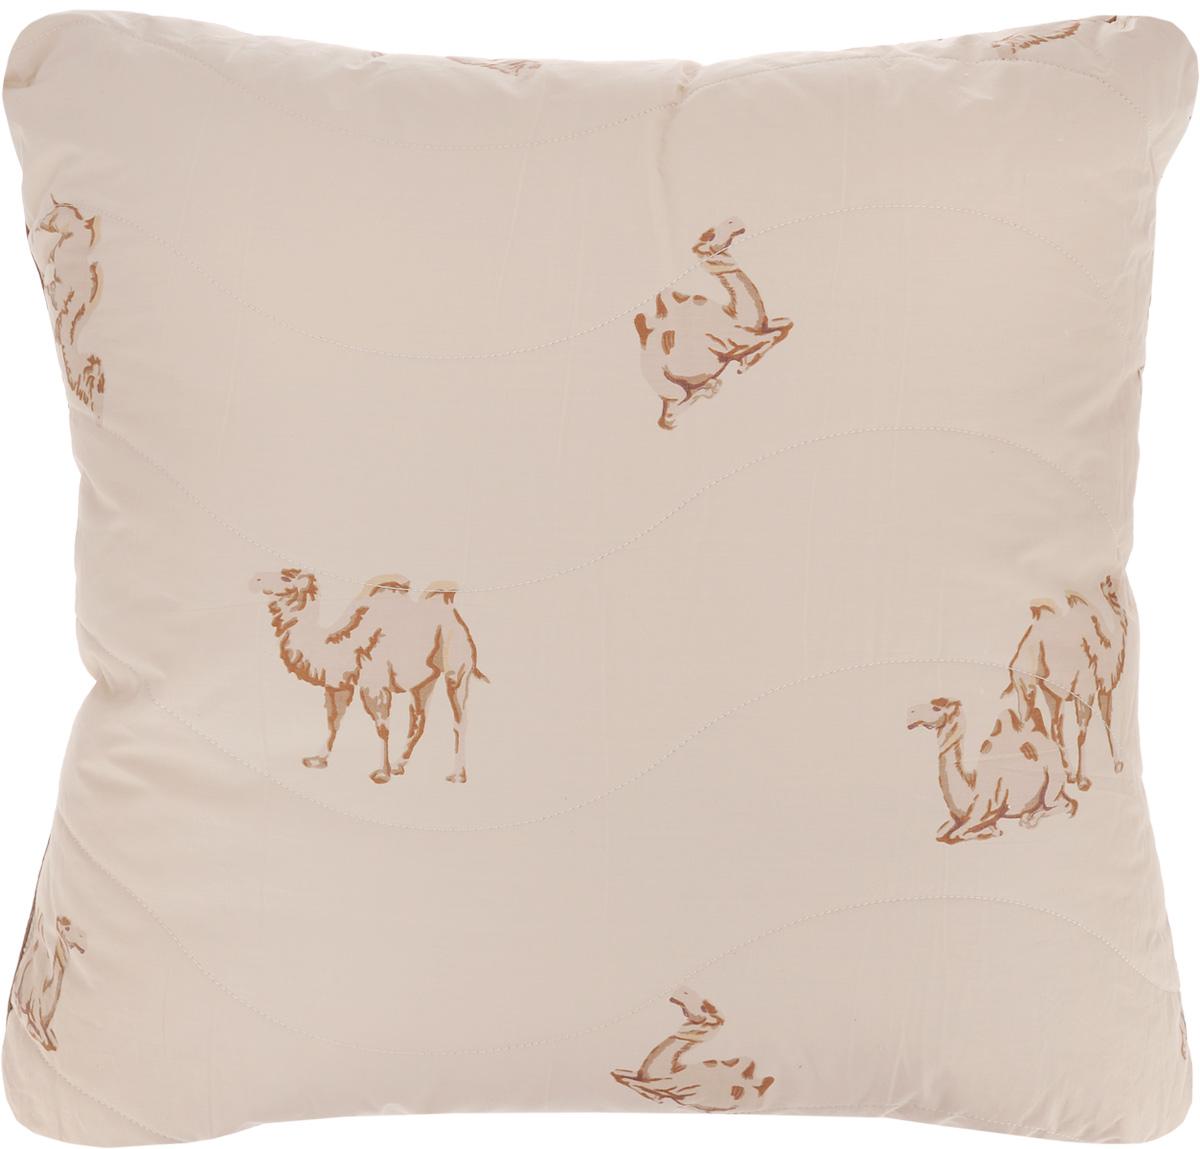 Подушка Легкие сны Верби, наполнитель: верблюжья шерсть, 68 х 68 см531-105Подушка Легкие сны Верби поможет расслабиться, снимет усталость и подарит вам спокойный и здоровый сон. Изделие обеспечит комфортную поддержку головы и шеи во время сна.Верблюжья шерсть является прекрасным изолятором и широко используется как наполнитель для постельных принадлежностей. Шерсть обладает отличными согревающими свойствами и способна быстро поглощать влагу, поэтому производимое верблюжьей шерстью целебное тепло называют сухим. Чехол подушки выполнен из прочного тика с рисунком в виде верблюдов. Это натуральная хлопчатобумажная ткань, отличающаяся высокой плотностью, она устойчива к проколам и разрывам, а также отличается долговечностью в использовании. Чехол приятен к телу и надежно удерживает наполнитель внутри подушки. По краю подушки выполнена отделка атласным кантом коричневого цвета. Рекомендуется химчистка. Степень поддержки: средняя.